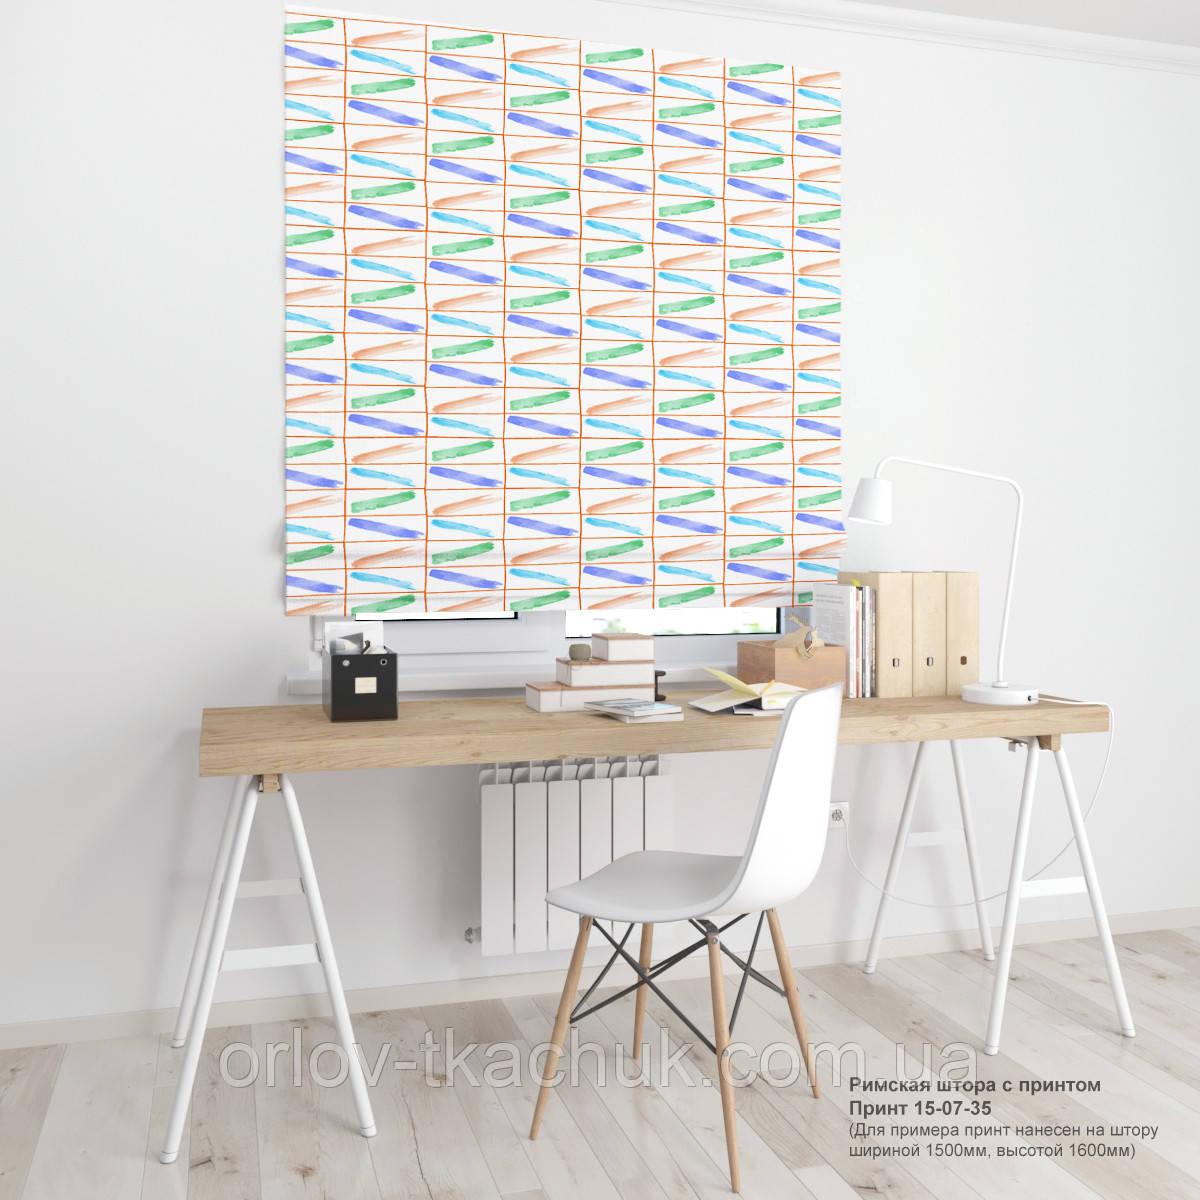 Римская штора с принтом полоски и линии